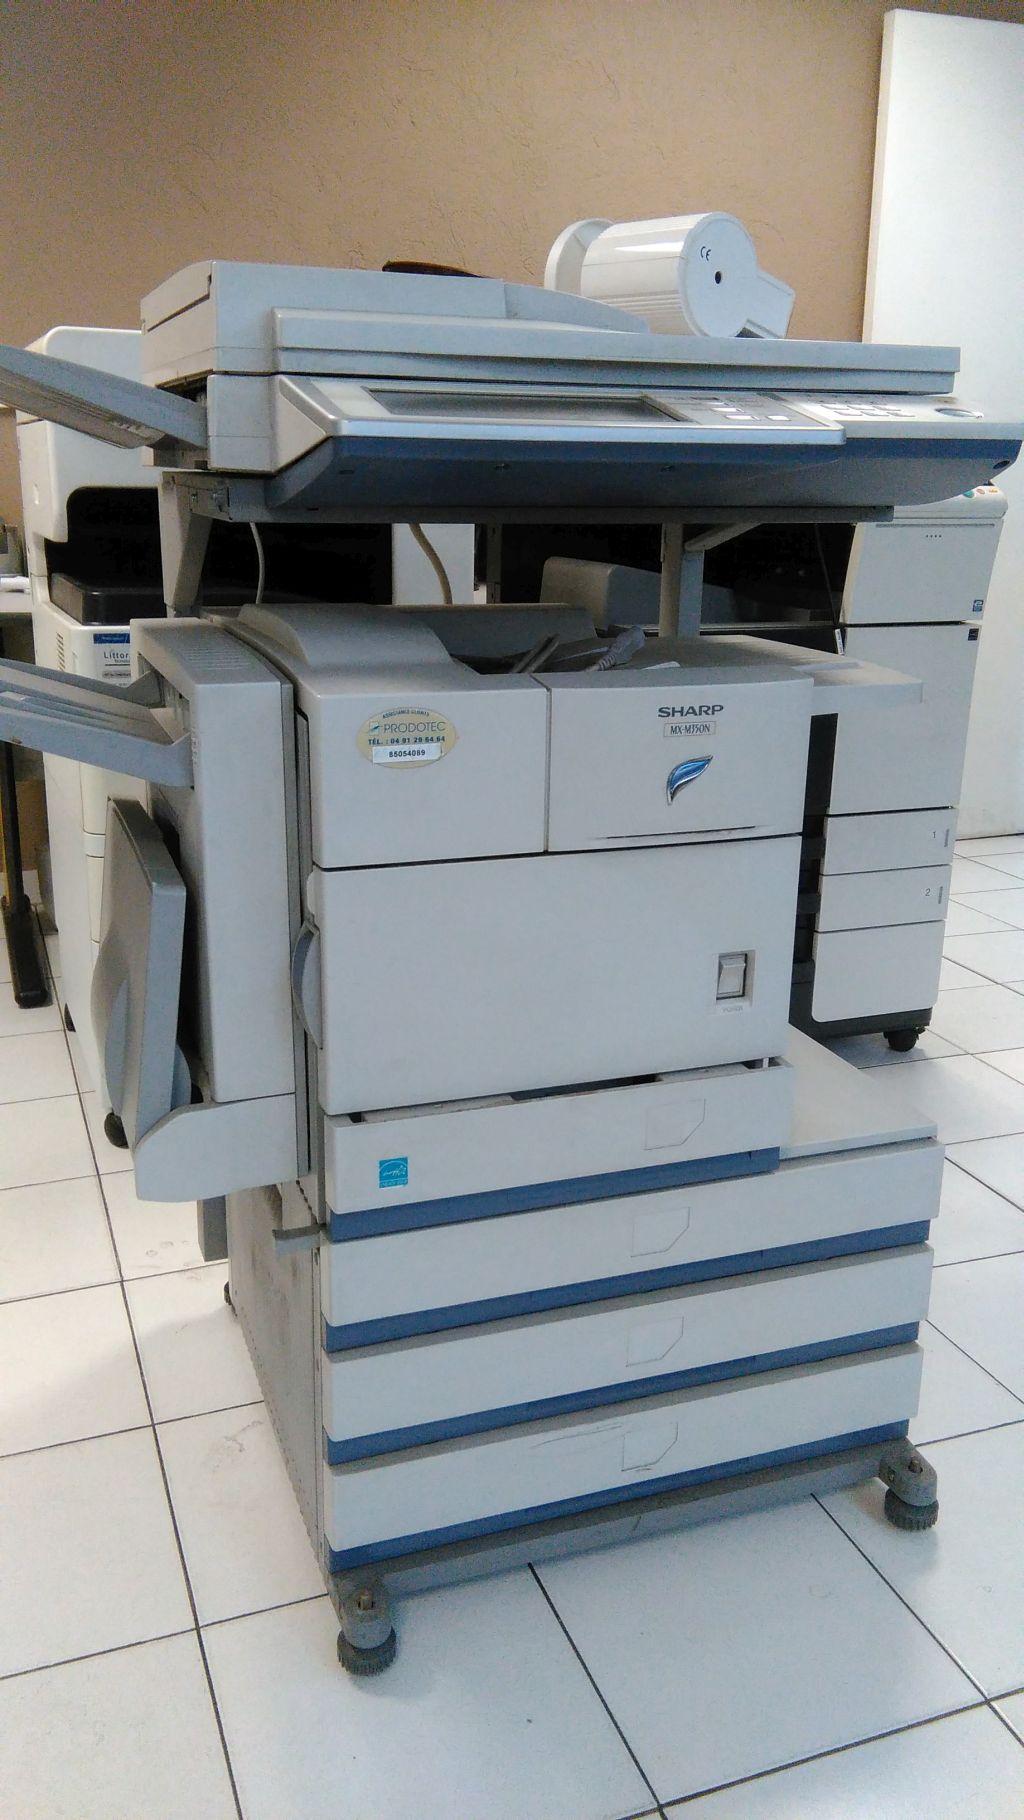 COPIER SHARP, Año: 2010, ref.67061 | www.coci-sa.com/es | 67061n.jpg